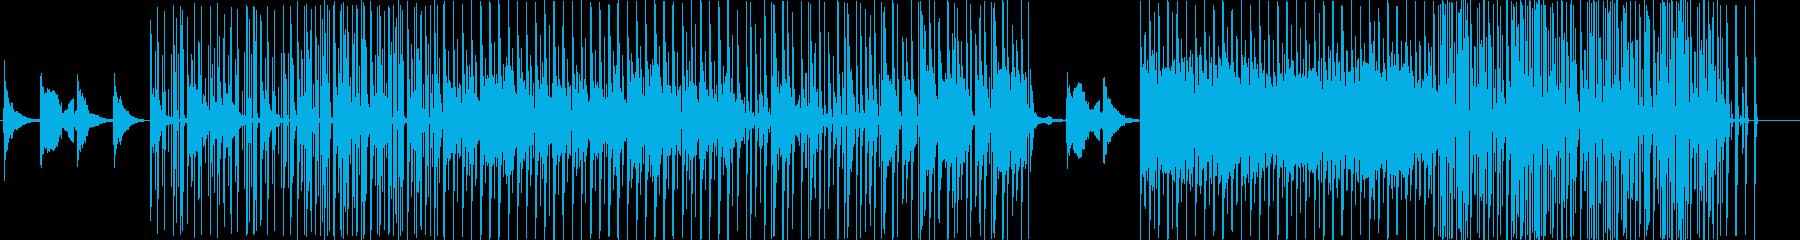 トリッキーな旋律の和風の電子音楽の再生済みの波形